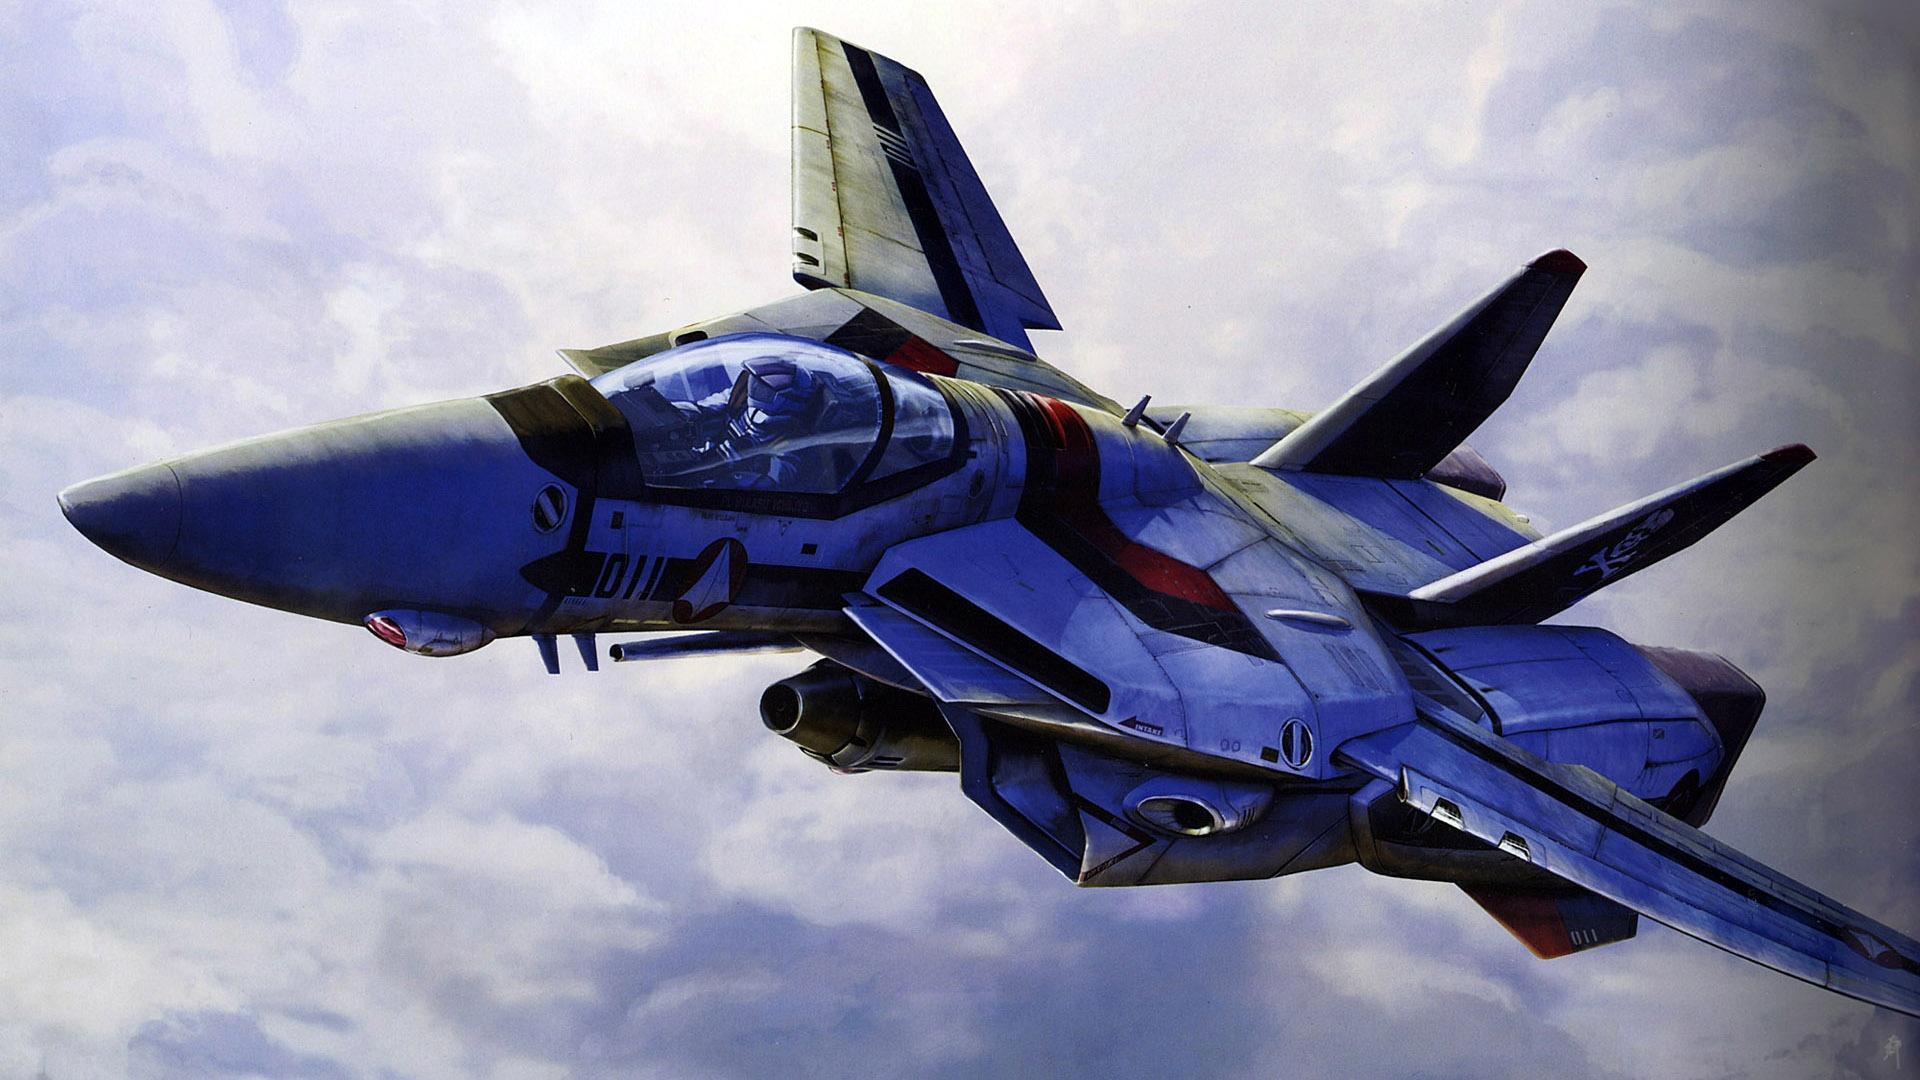 Aircraft Macross In Hd Crunch Com 489106 Wallpaper Wallpaper